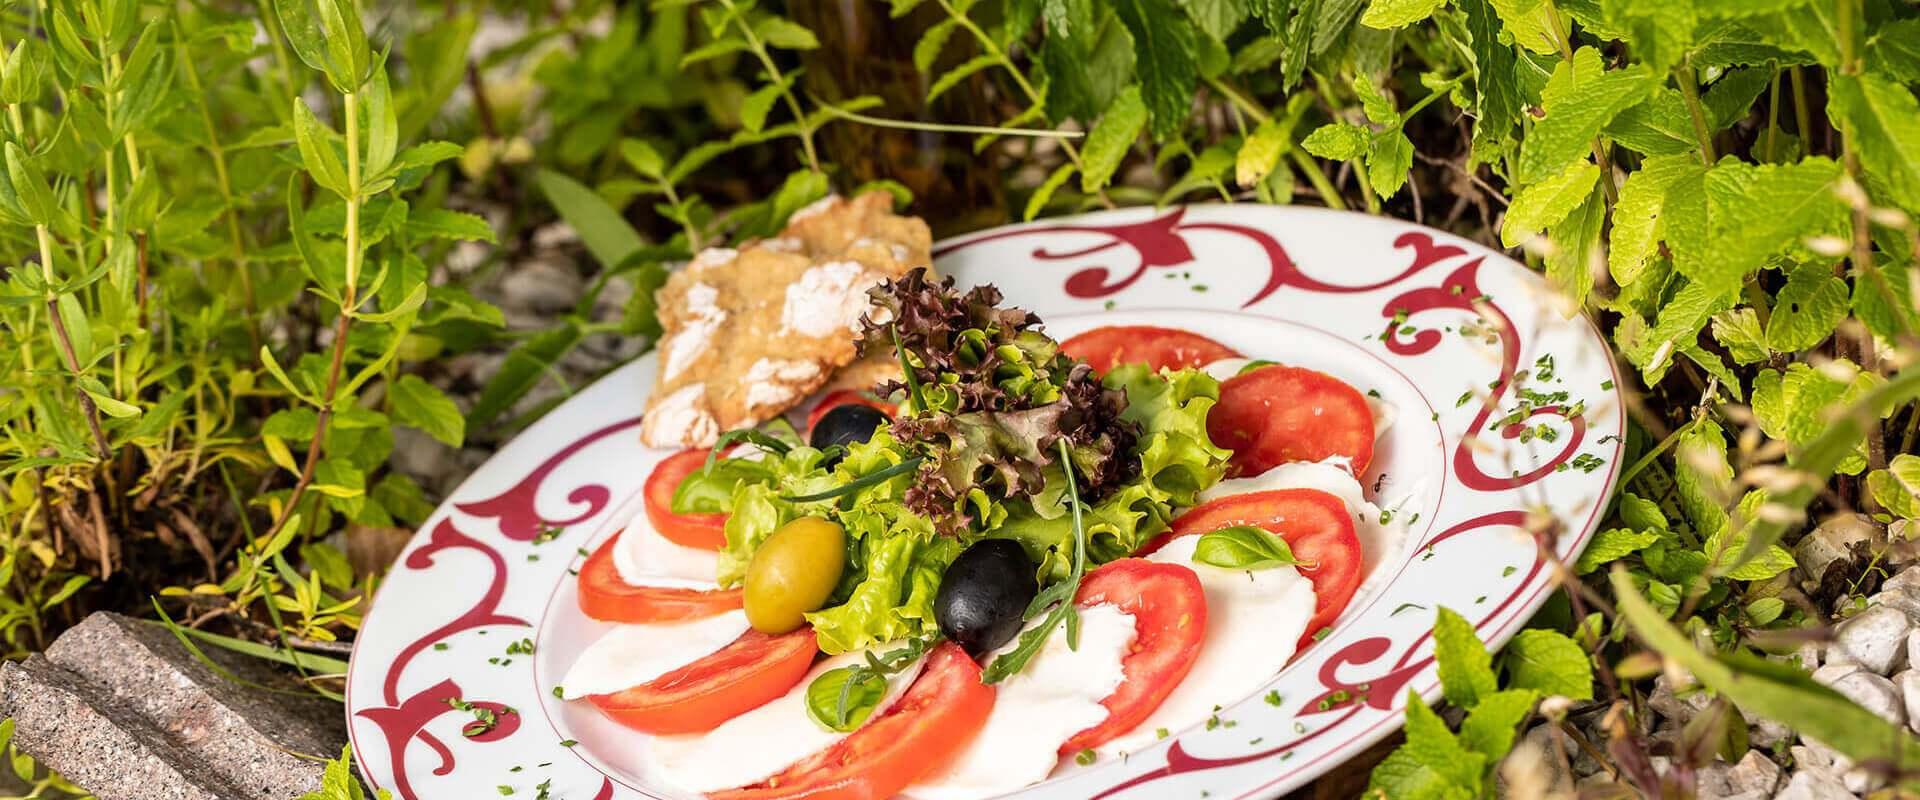 Caprese – italienische und kulinarische Küche